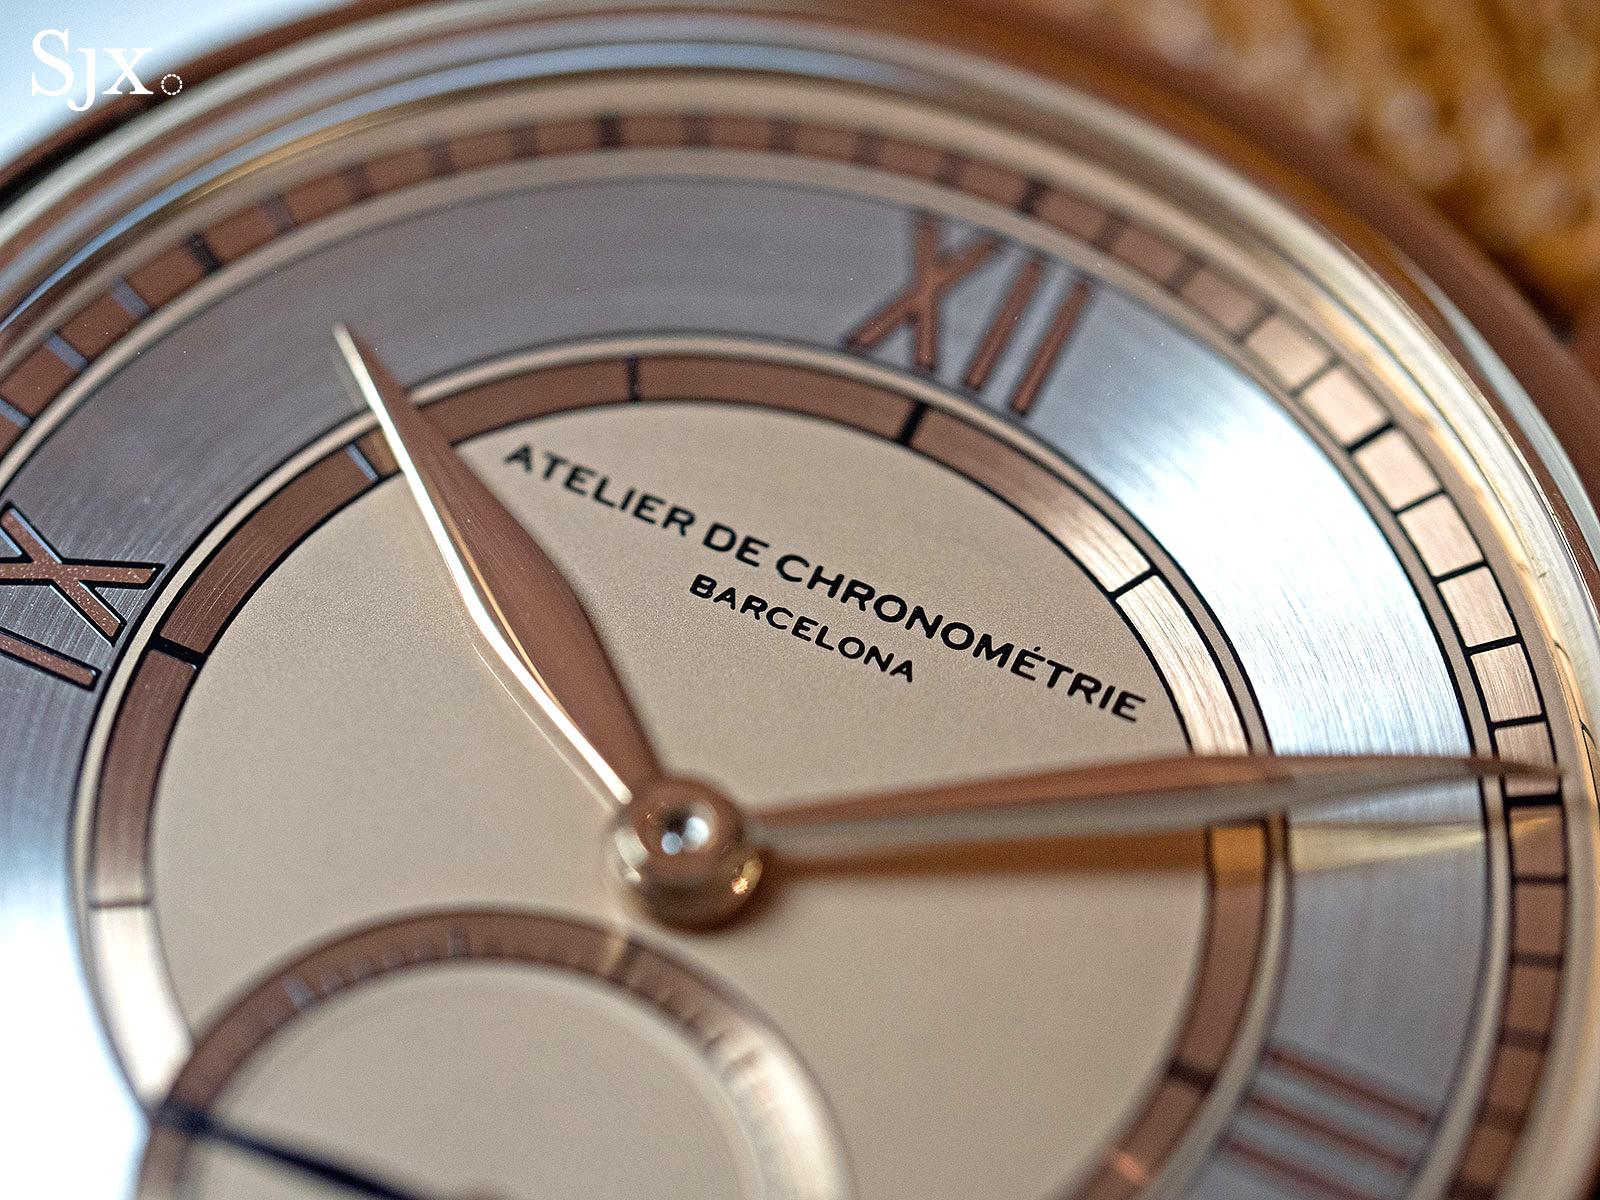 Atelier de Chronométrie ADC3-2